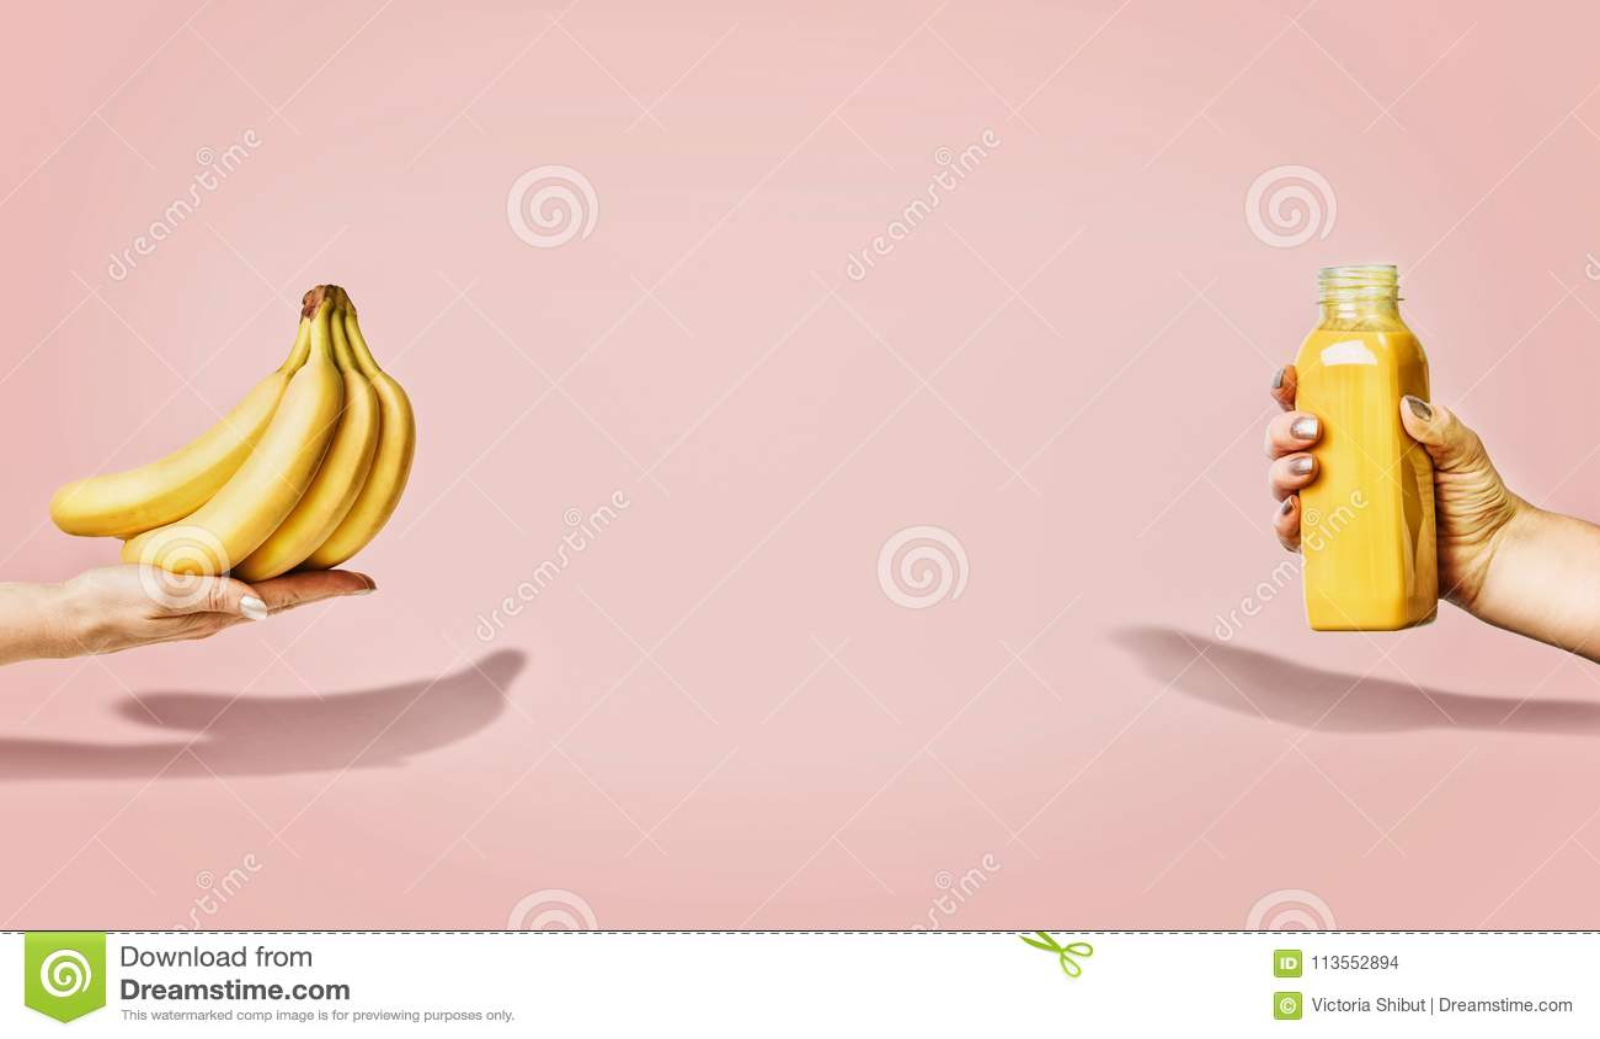 夏天食物和饮料背景用香蕉和黄色饮料瓶在女性手上在粉红彩笔